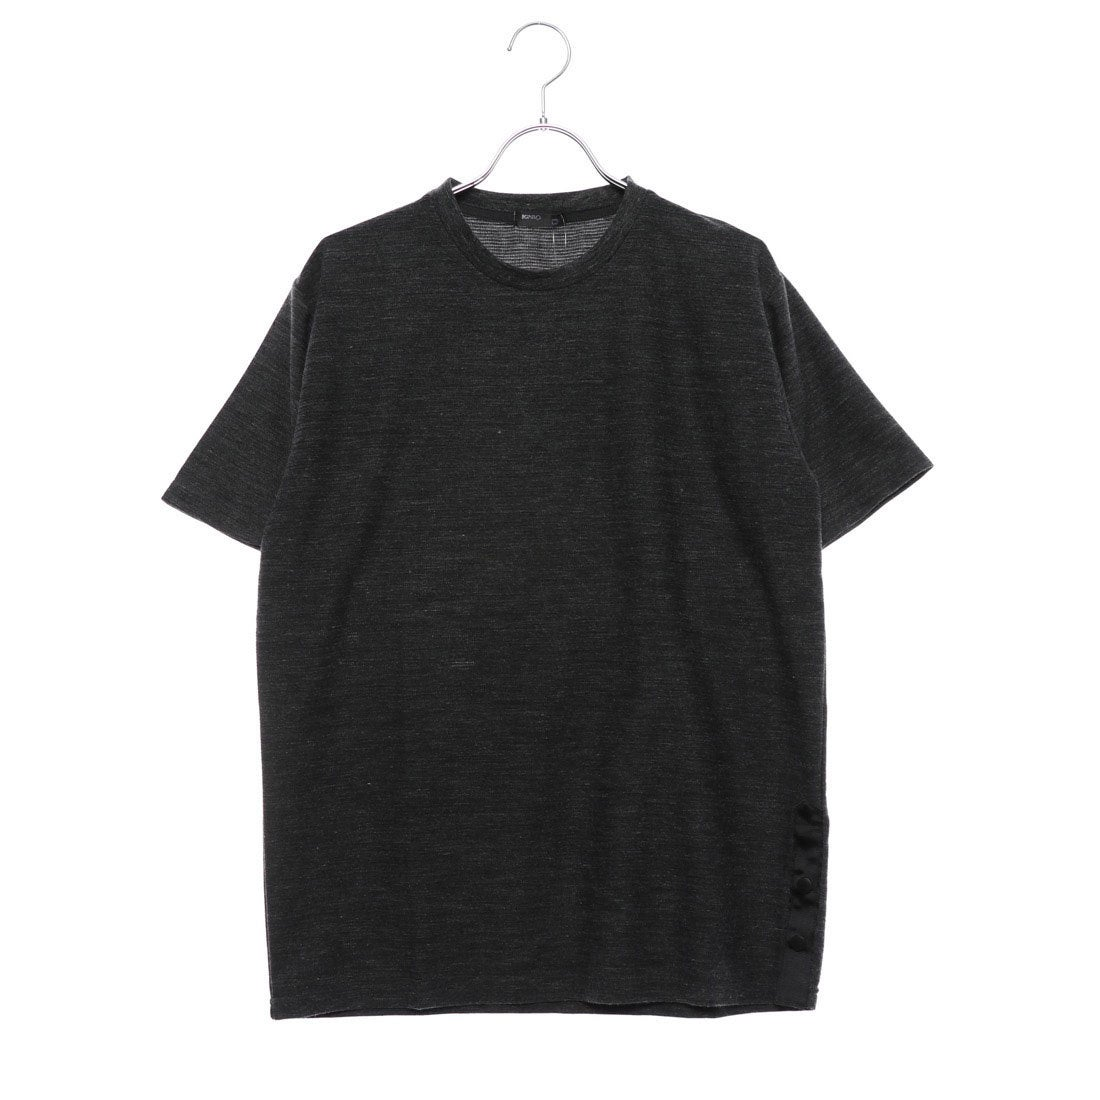 イグニオ IGNIO メンズ 半袖Tシャツ スペースリップルTシャツ(半袖) MスペースリップルTSS